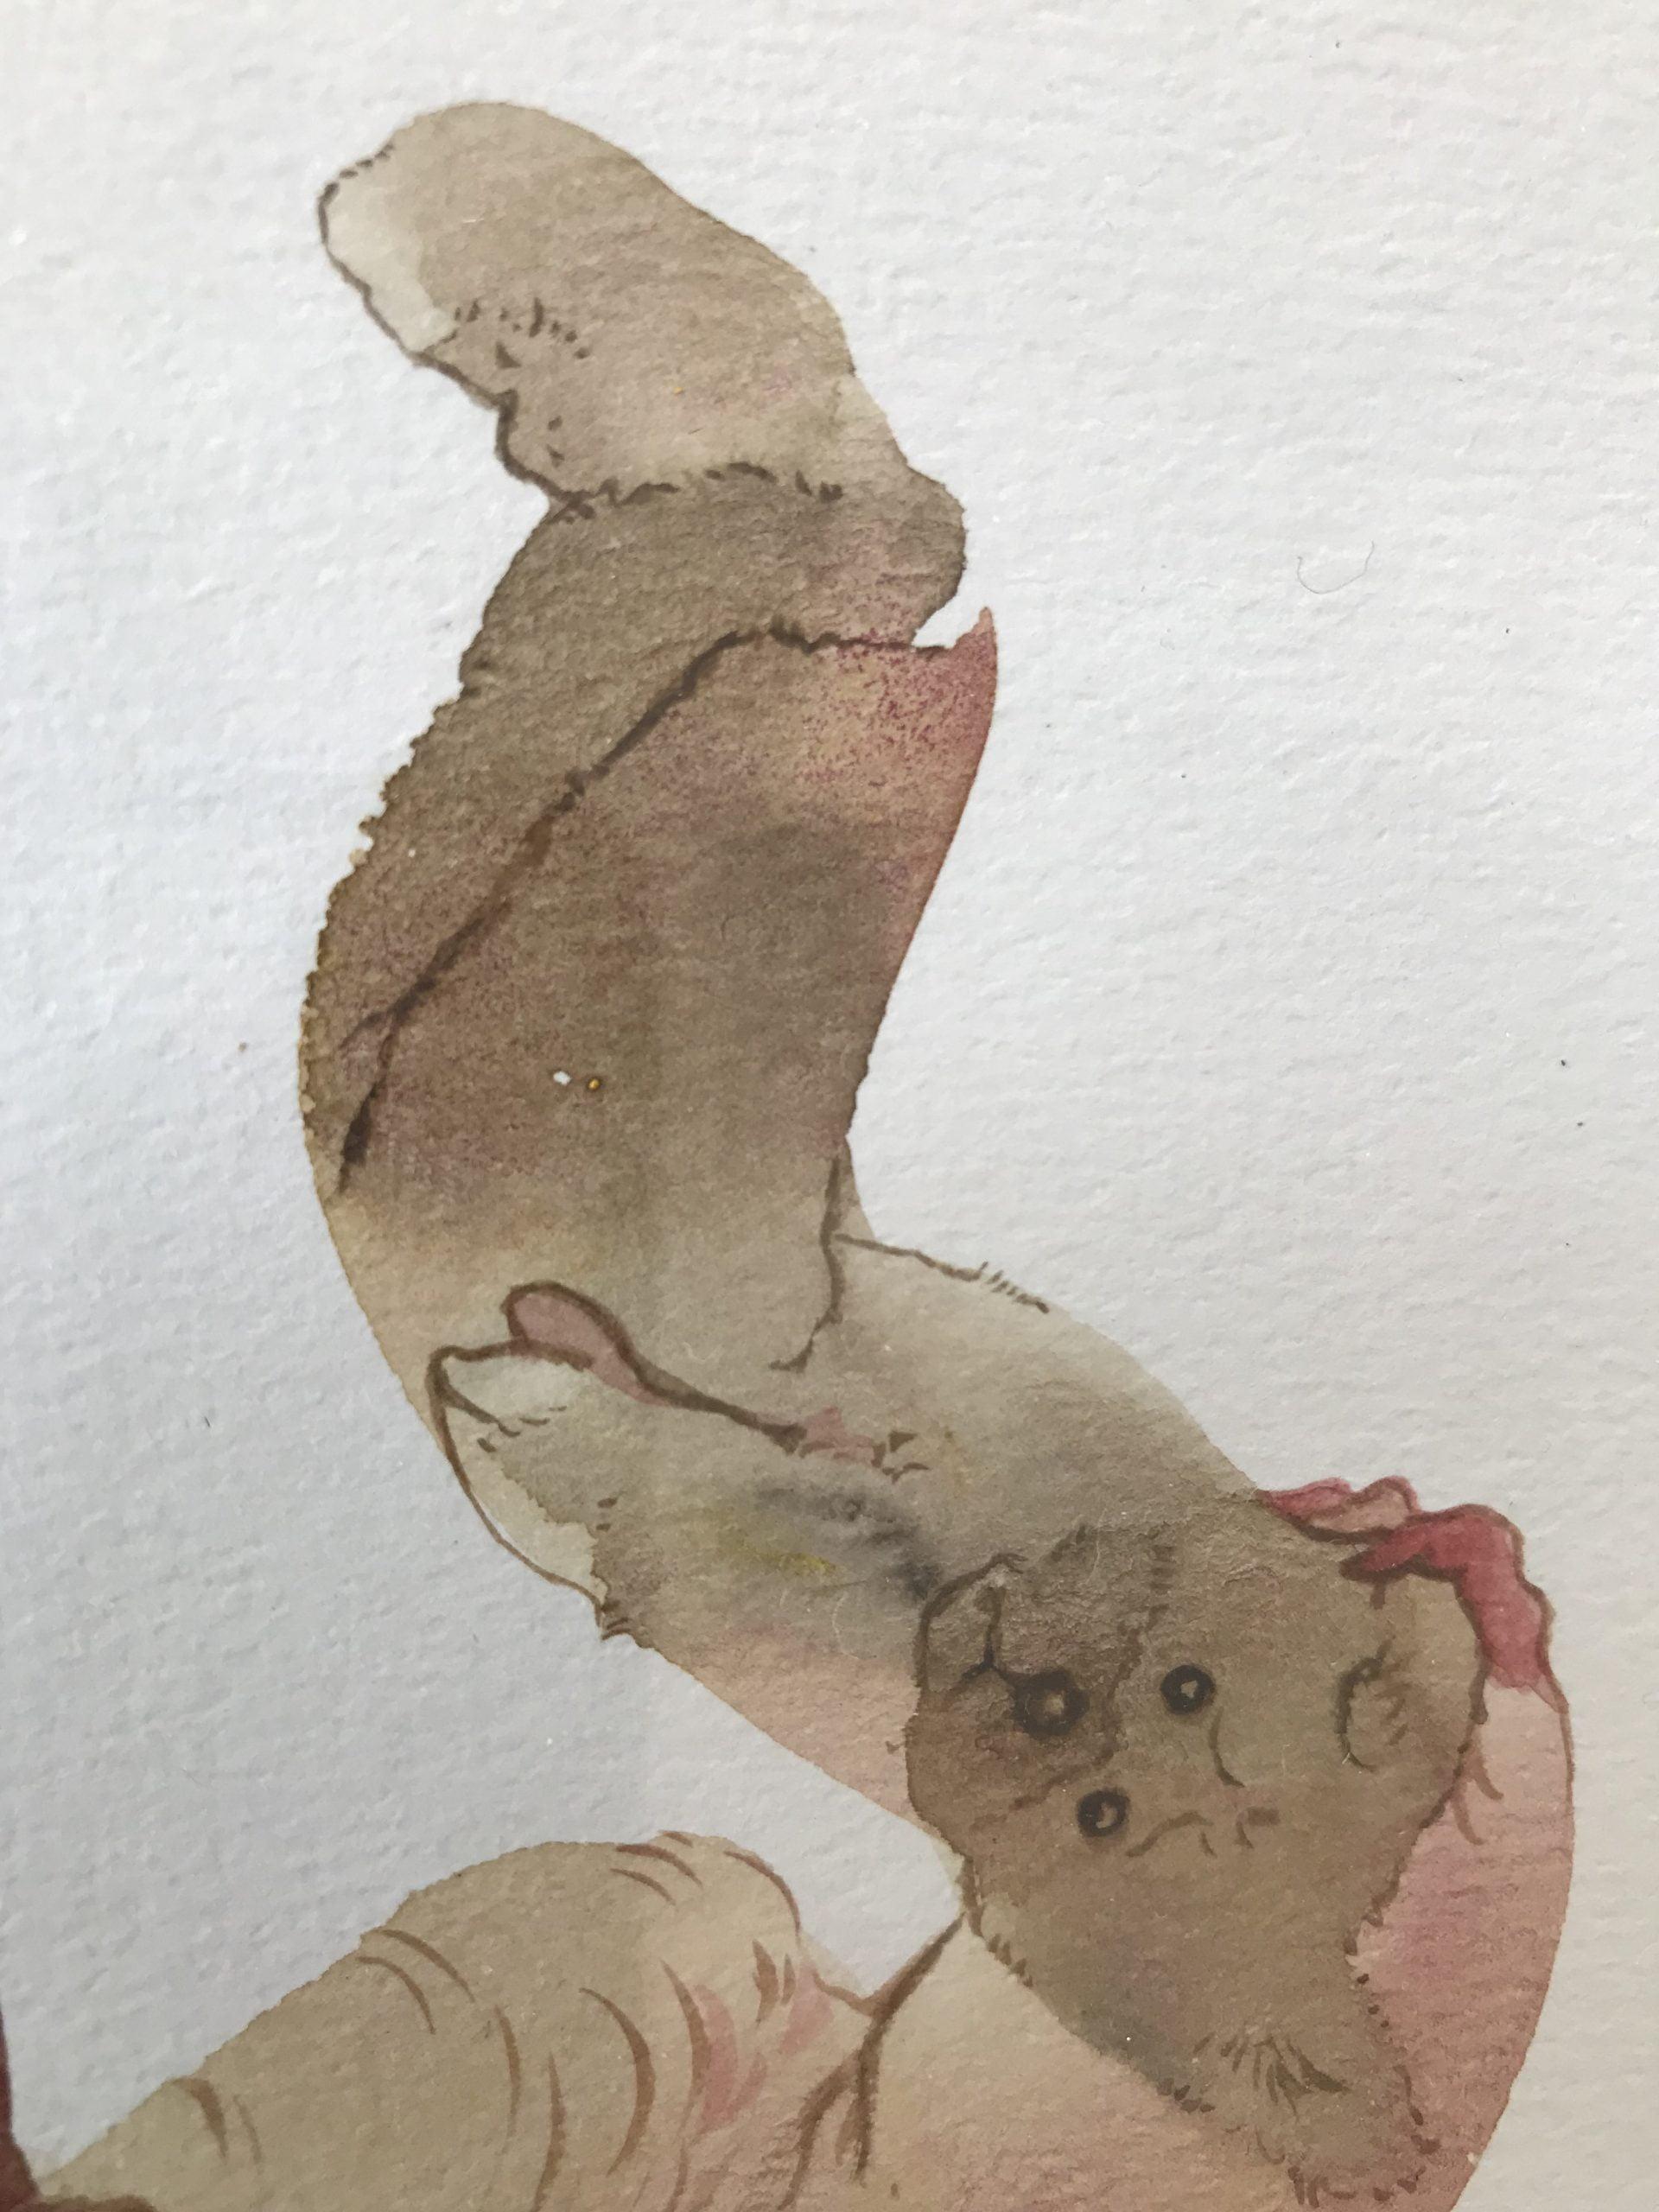 duhamel arrapel daniel galerie 21 massacre de la peluche detail 2